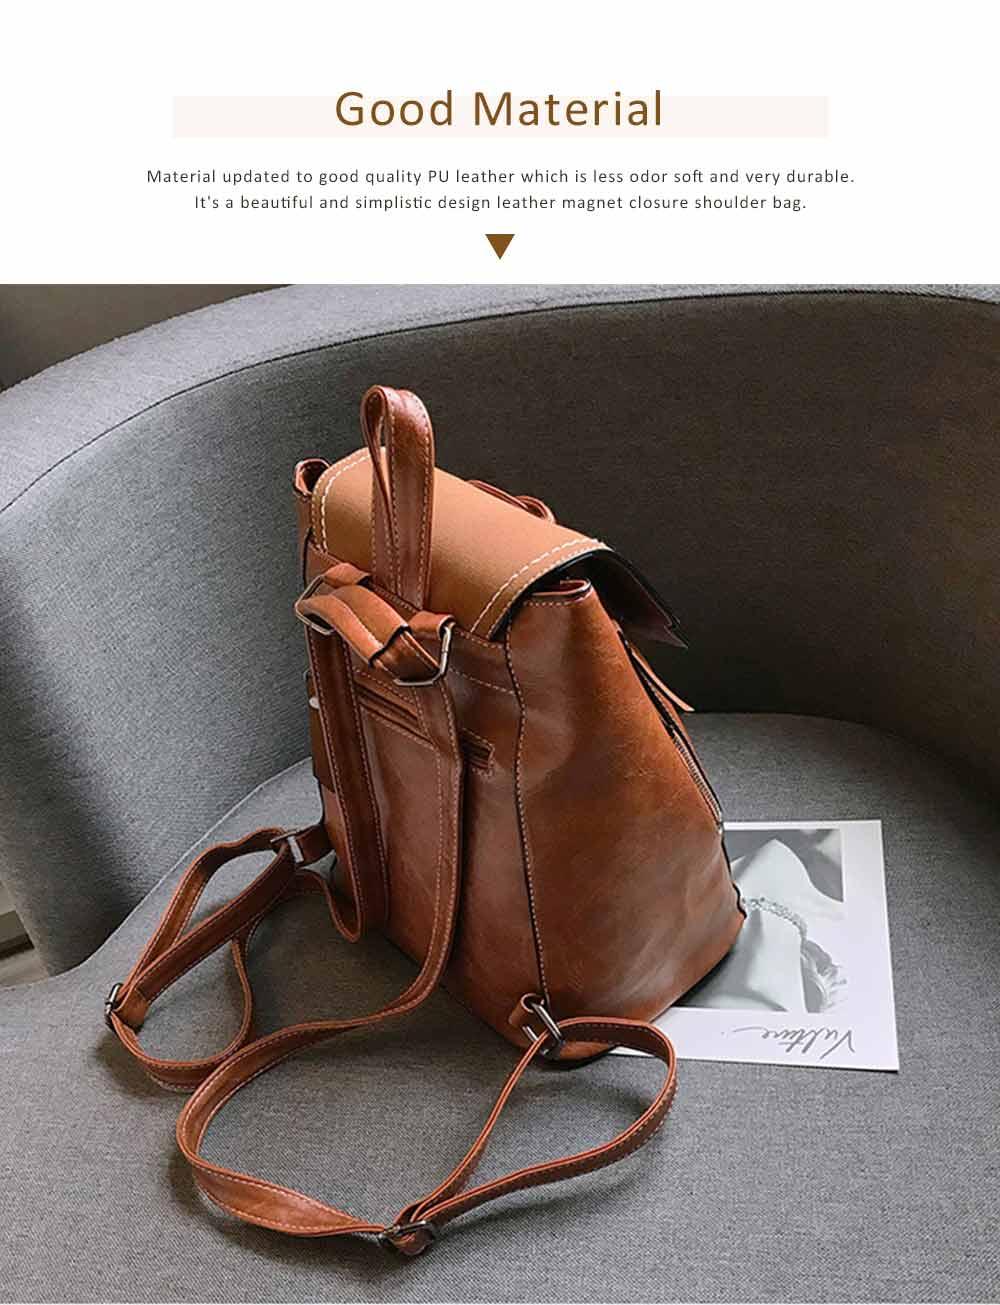 College School Bag Gifts for Women & Girl Backpack Vintage Casual Tassels PU Leather Shoulder Bag 1